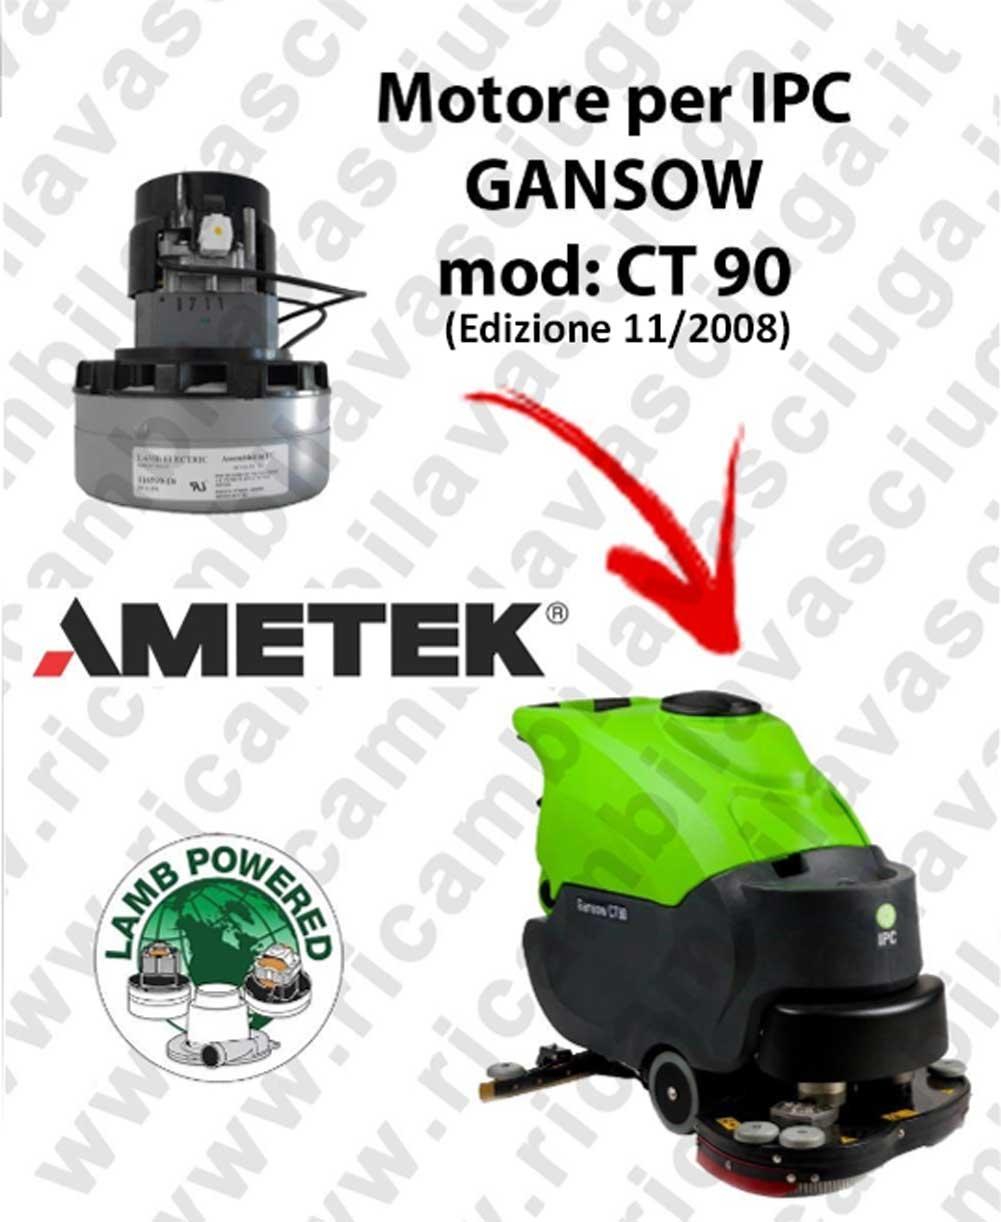 CT 90 BT 85 MOTORE LAMB AMETEK di aspirazione per lavapavimenti IPC GANSOW (edizione dal 05/2012)